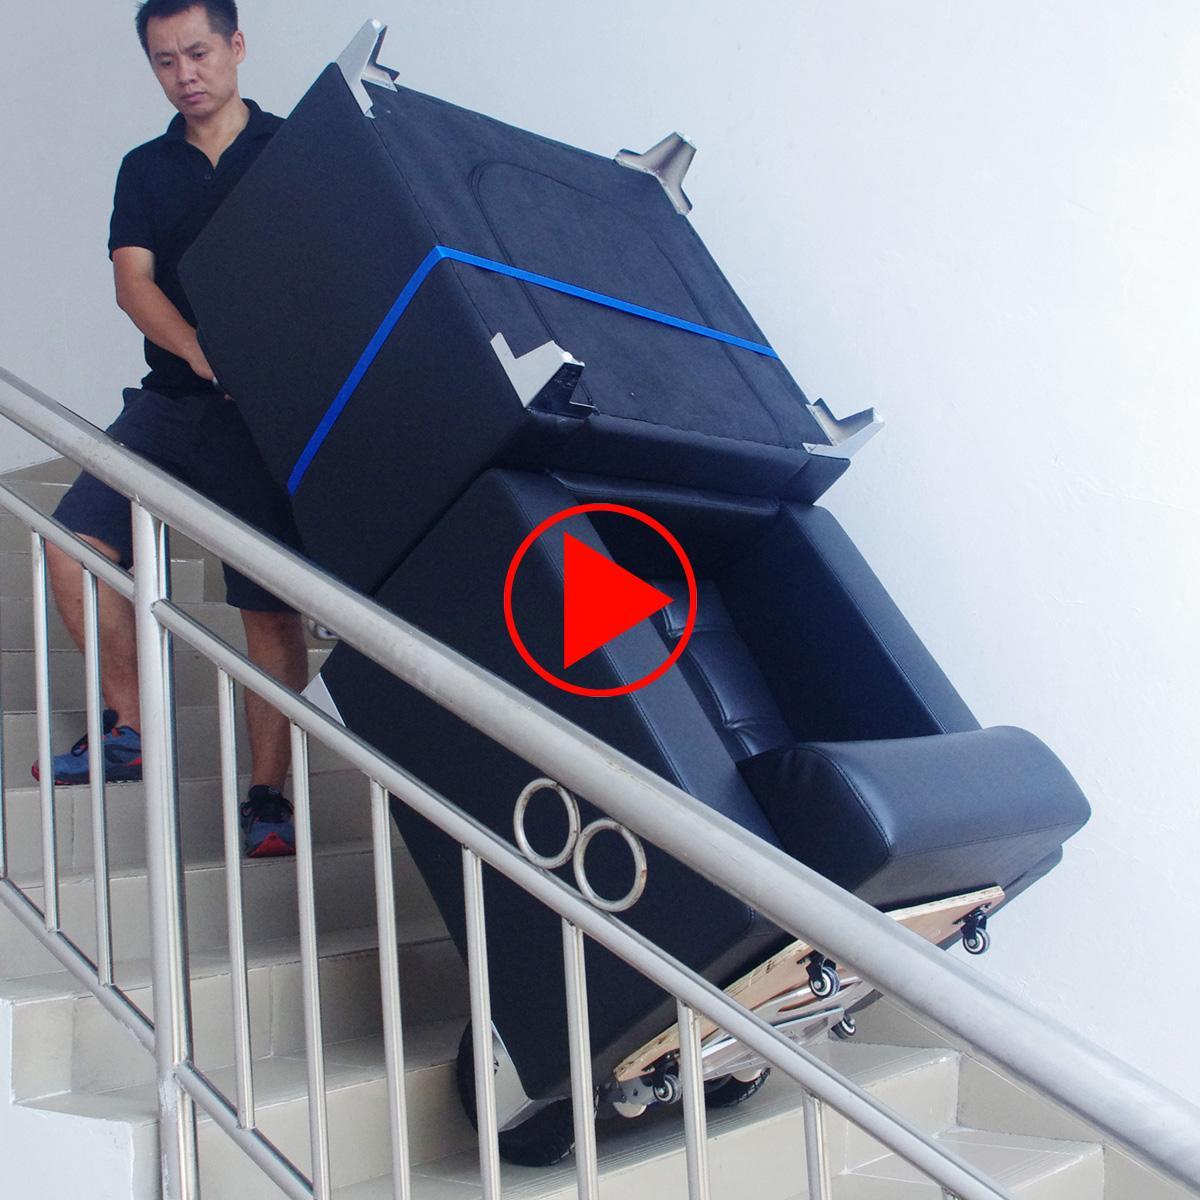 weiteres Handlingsvideo des elektrischen Treppensteigers